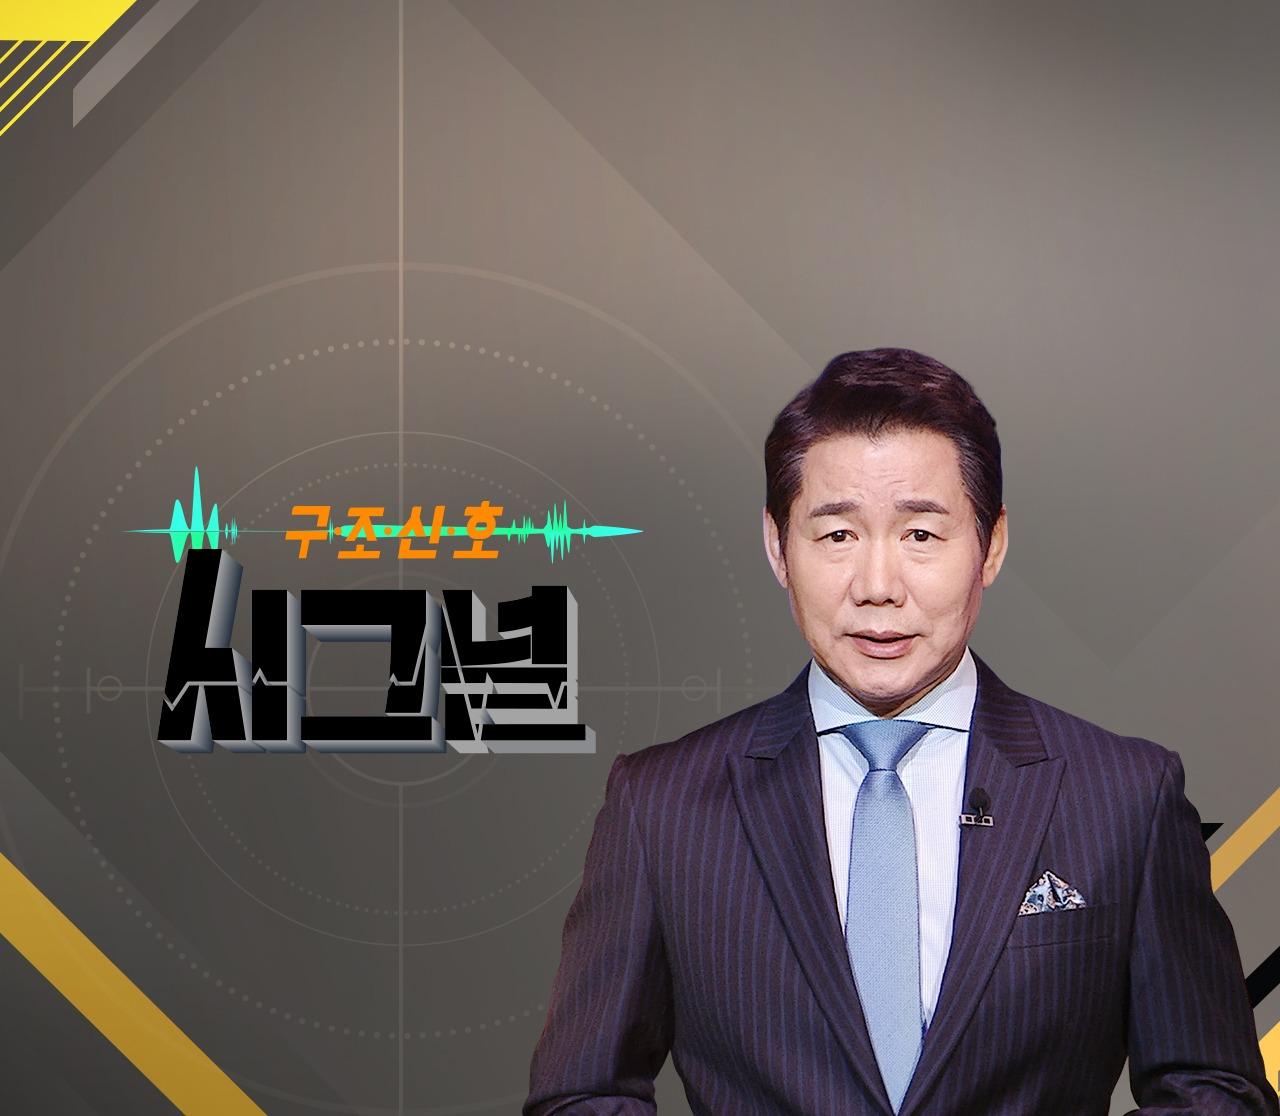 大家有看韓國綜藝節目《signal》嗎?《signal》是報導家庭糾紛,並向需要幫助的家庭伸出援手,為其解決問題的節目。最近有一期講的是一位年邁的母親照顧一個200KG女兒的真實故事,這期節目一播出就受到很多人的關注。